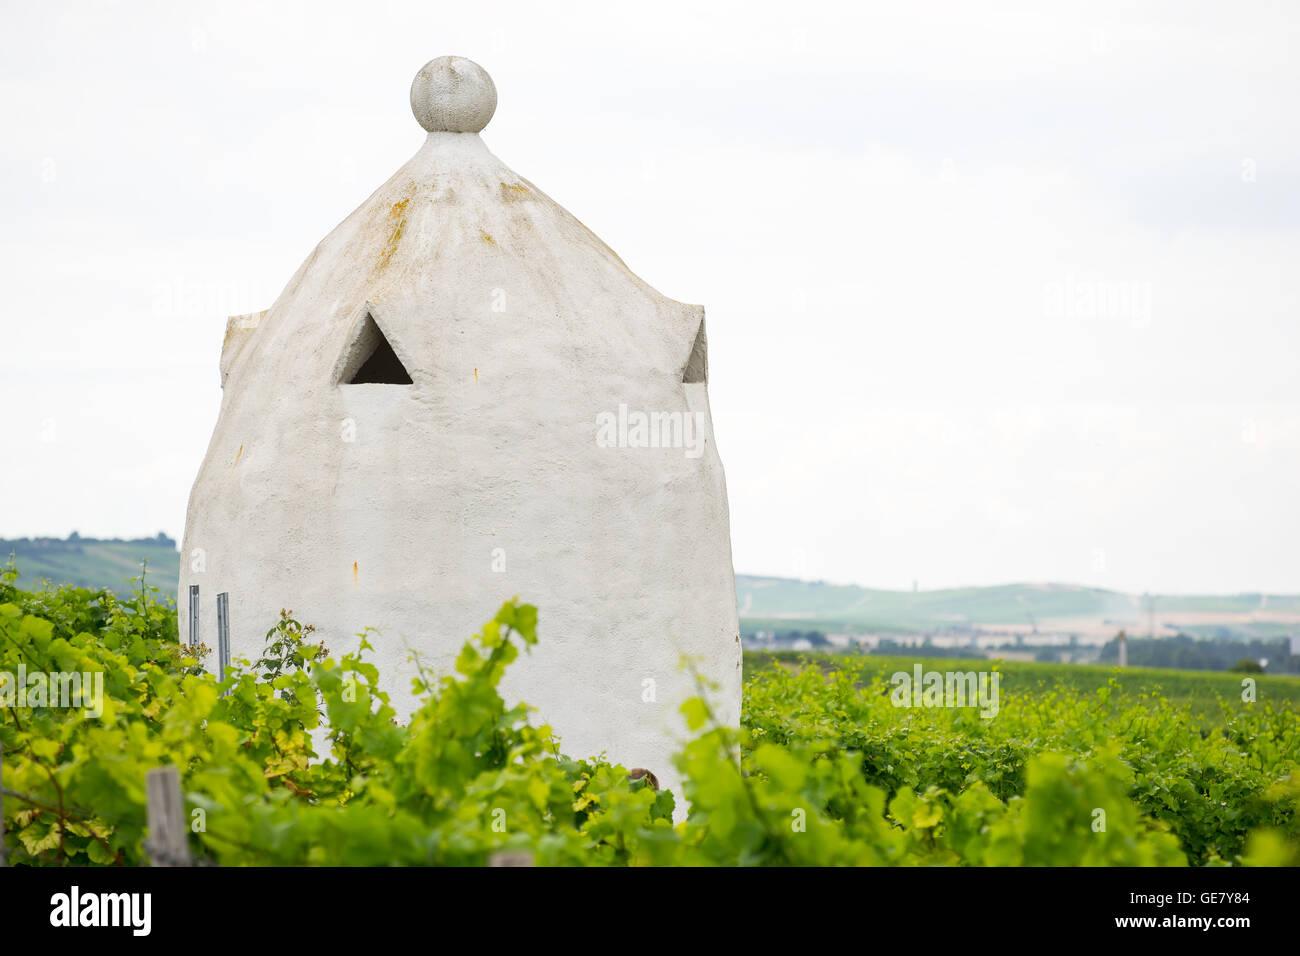 Viña refugio en el estilo de un Italiano Trullo de Rheinhessen, Alemania, Rhine-Hesse. Imagen De Stock